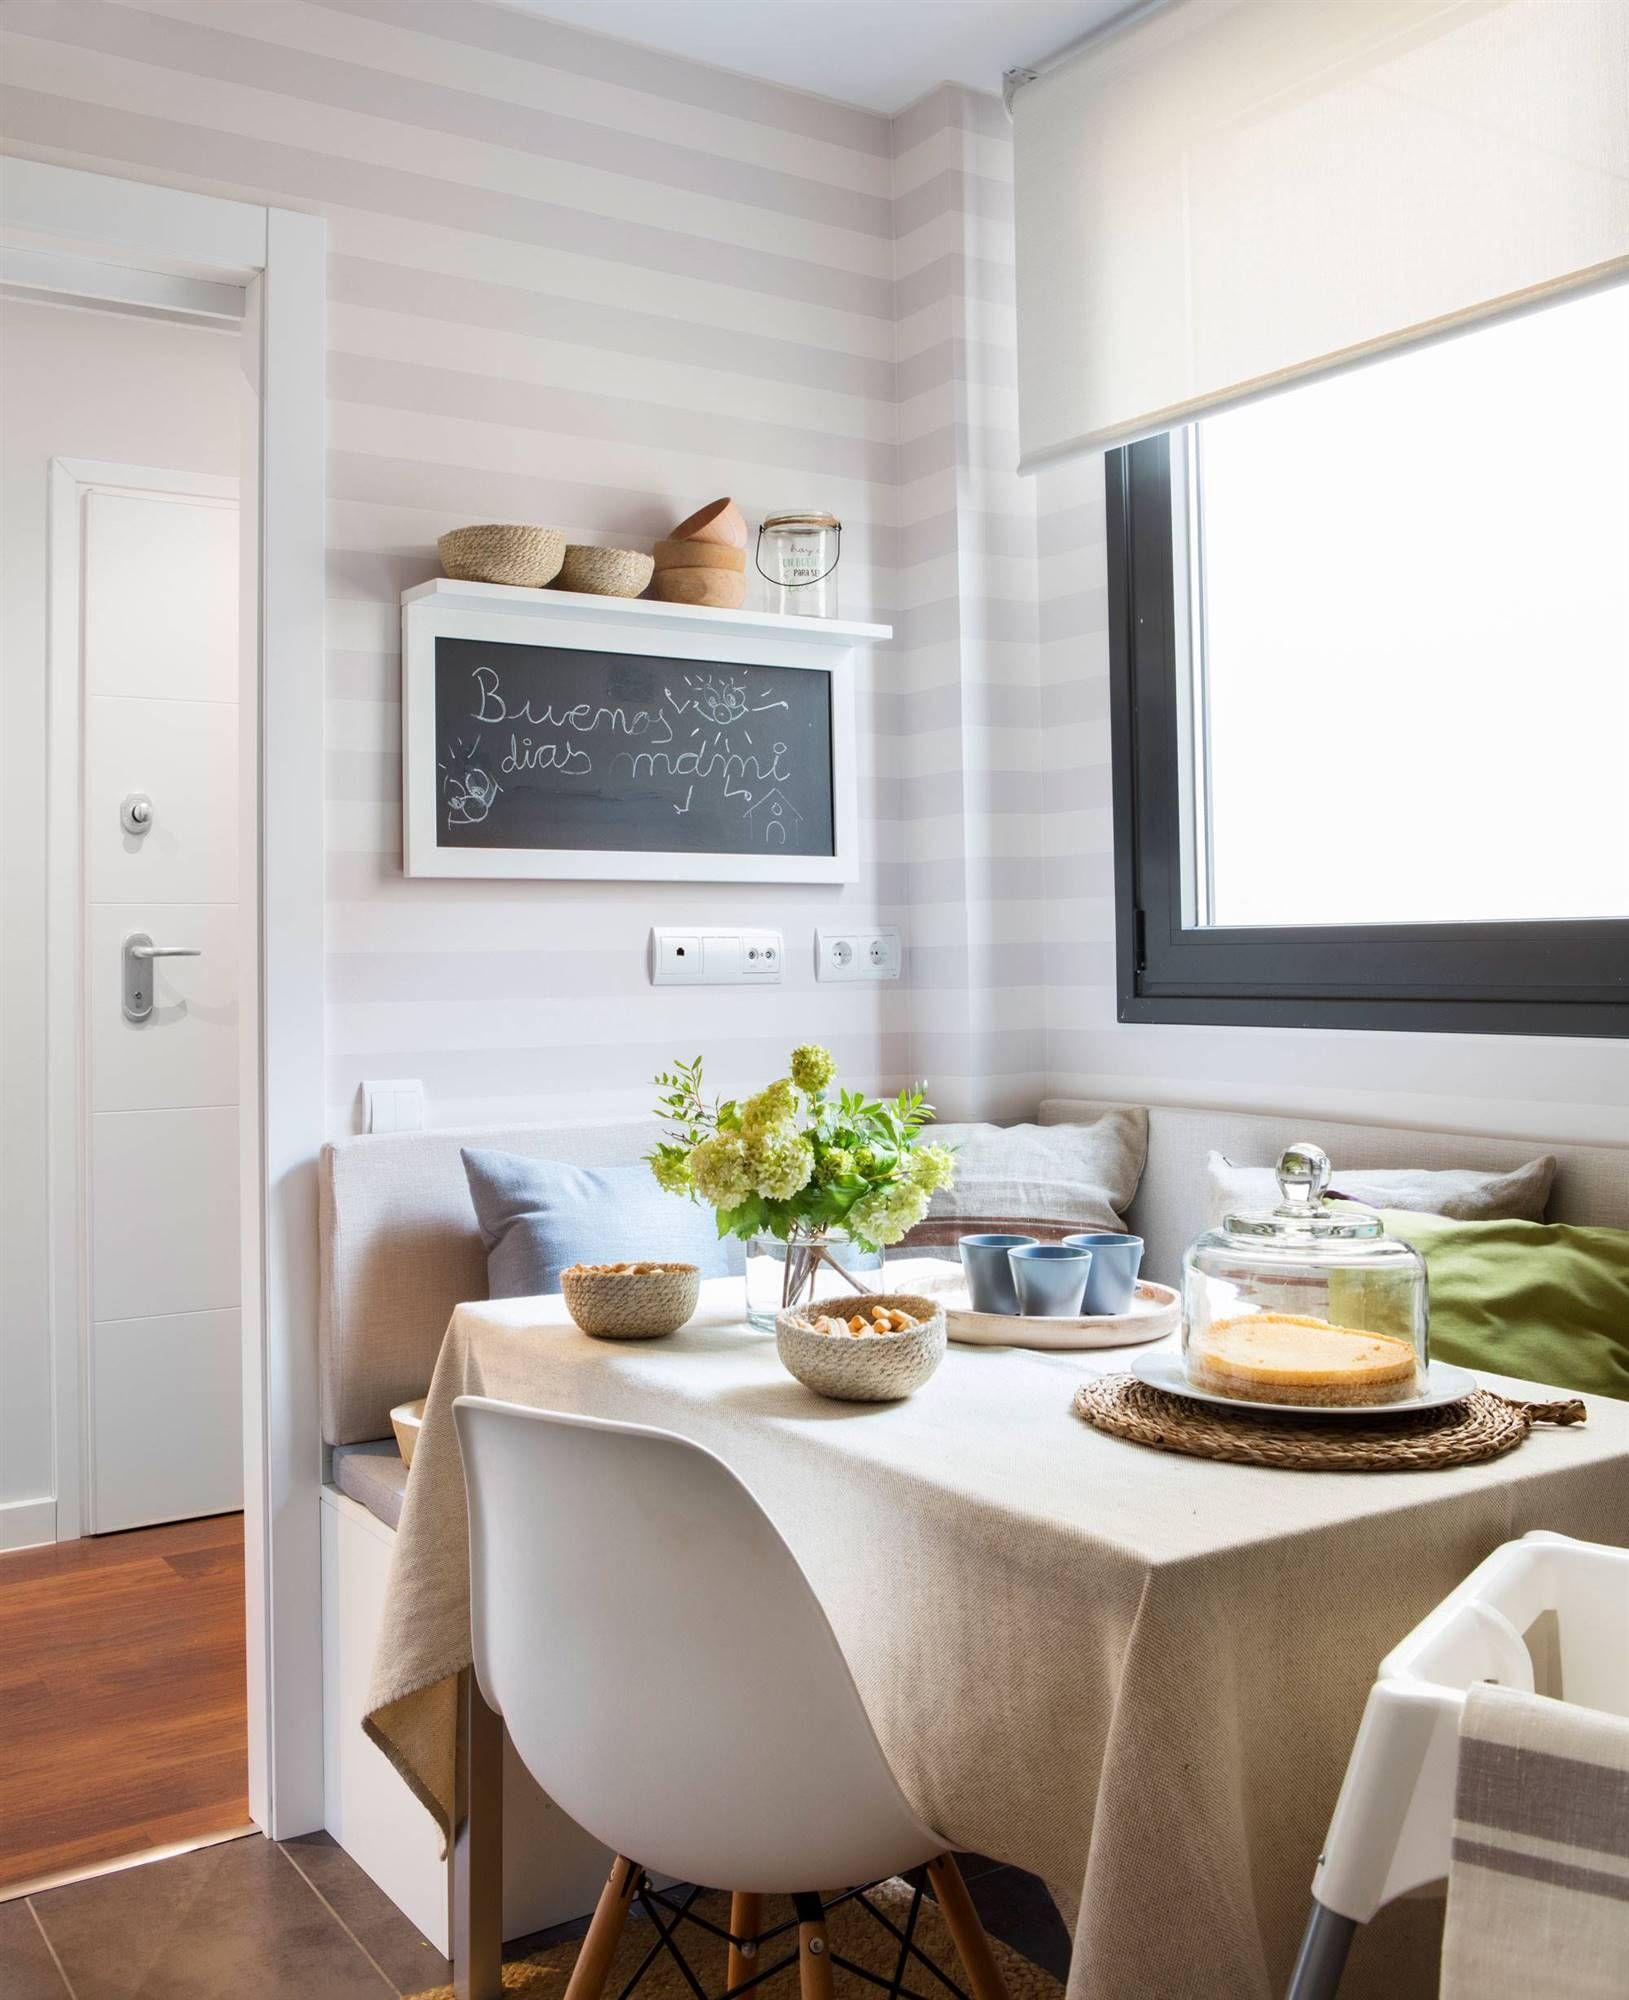 36 Mini Barras Y Offices Pequenos Llenos De Ideas Para Copiar Papel Pintado Cocina Decoraciones De Casa Ideas De Decoracion De Salon